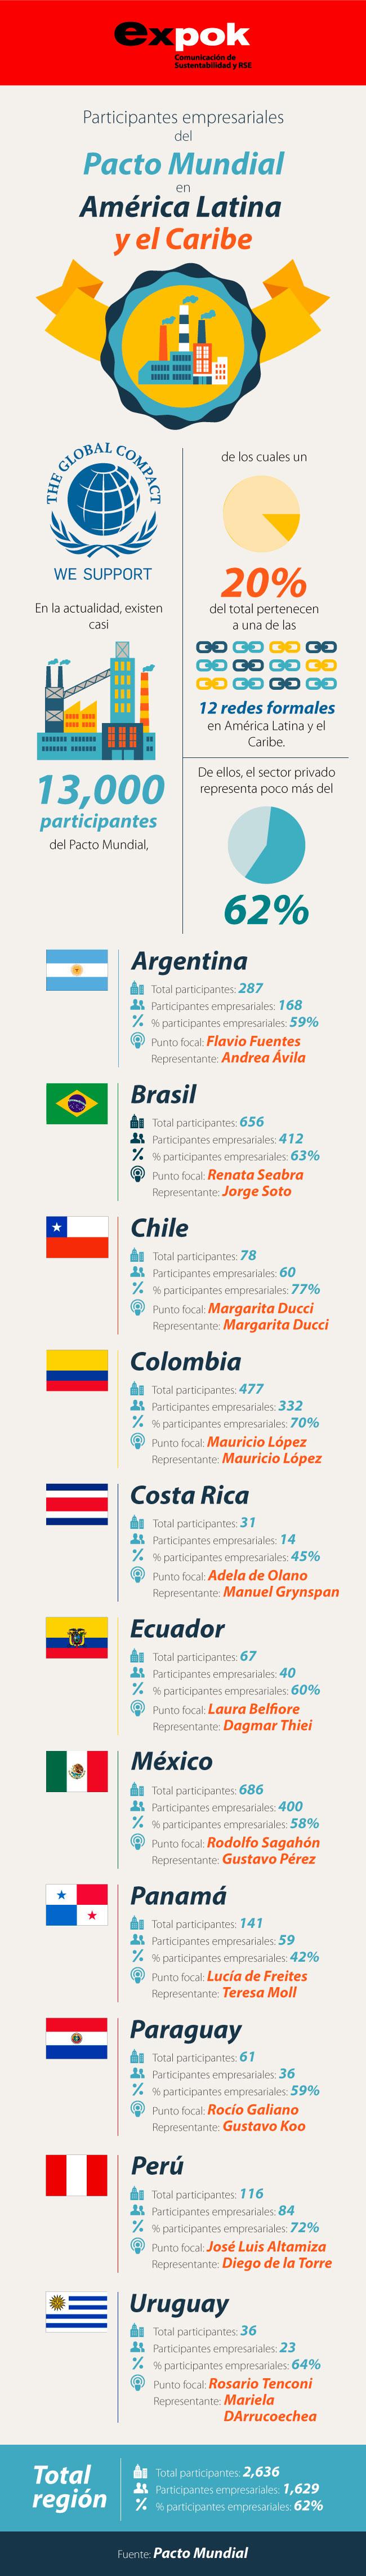 El Centro Regional ha dedicado un espacio en sus Memorias para dar a conocer el trabajo de las Redes de América Latina y el Caribe; desempeño que se encuentra en la siguiente infografía. http://www.expoknews.com/cuantas-empresas-estan-adheridas-al-pacto-mundial-en-america-latina/